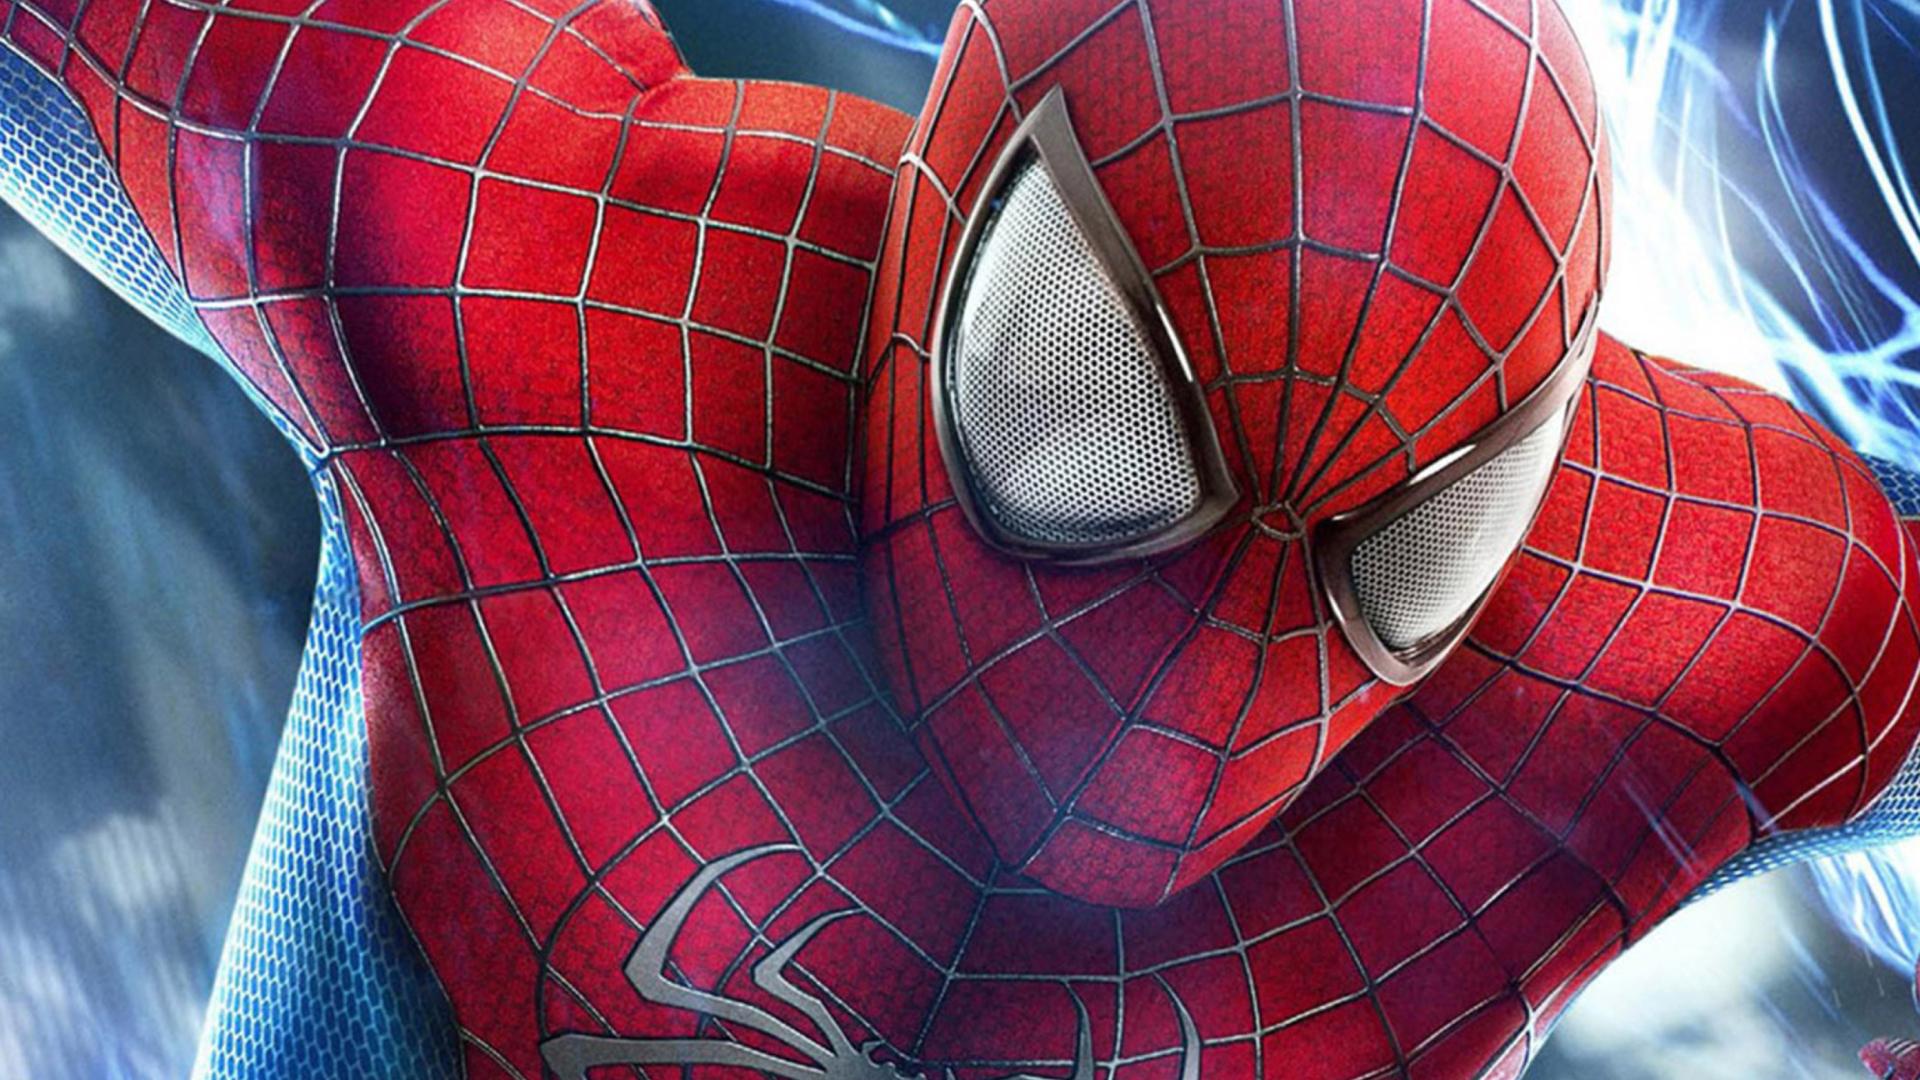 Spiderman fondos de pantalla gratis para escritorio for Fondos de spiderman